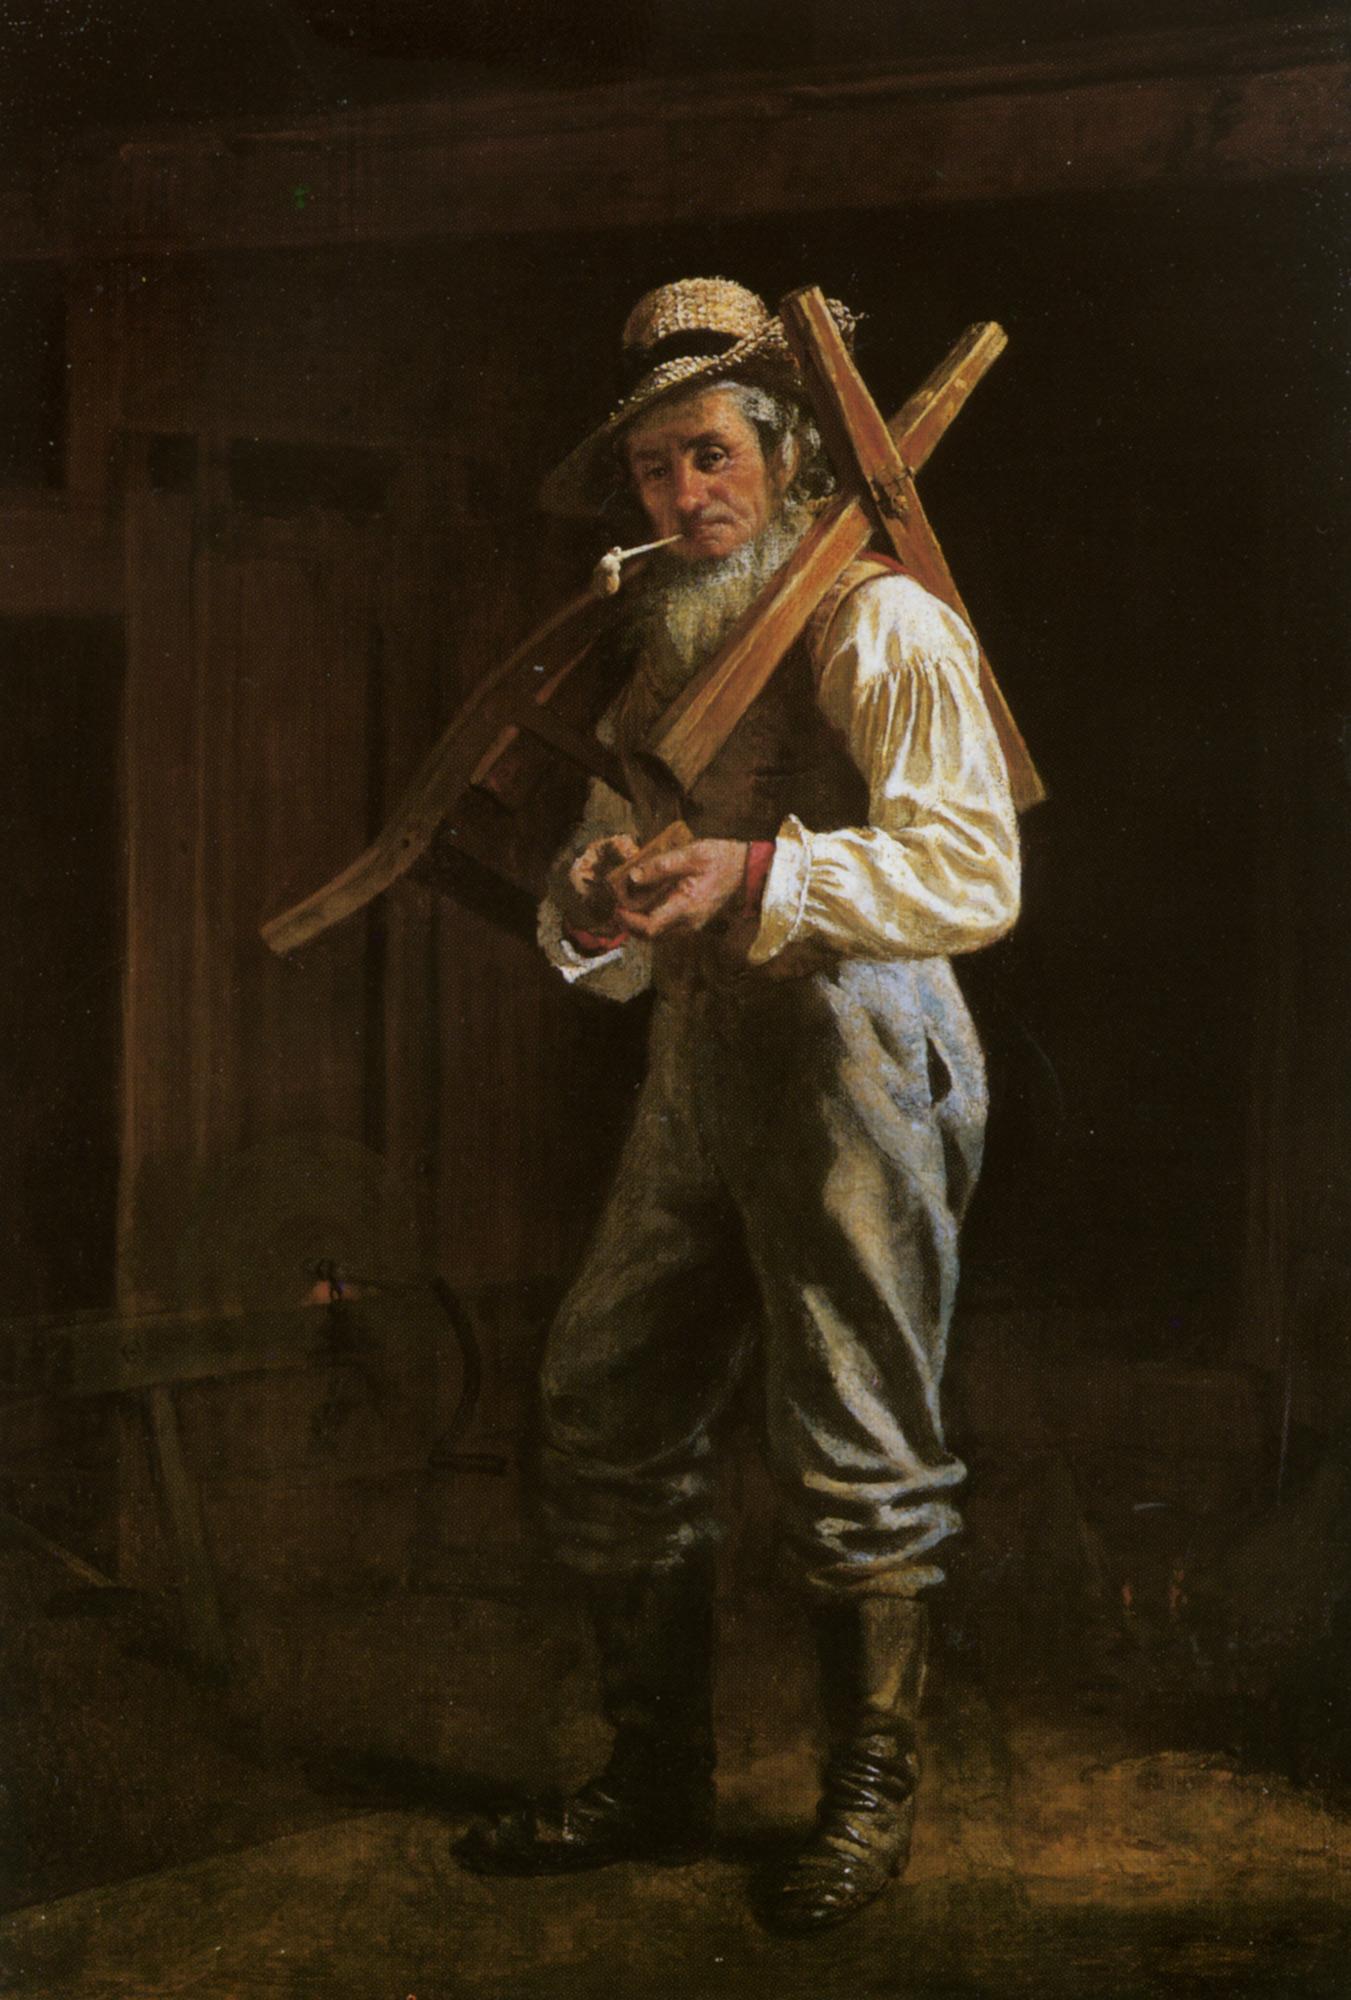 Man with Pipe :: Thomas Waterman Wood - men's portraits 20th century (1900-1930) first third ôîòî